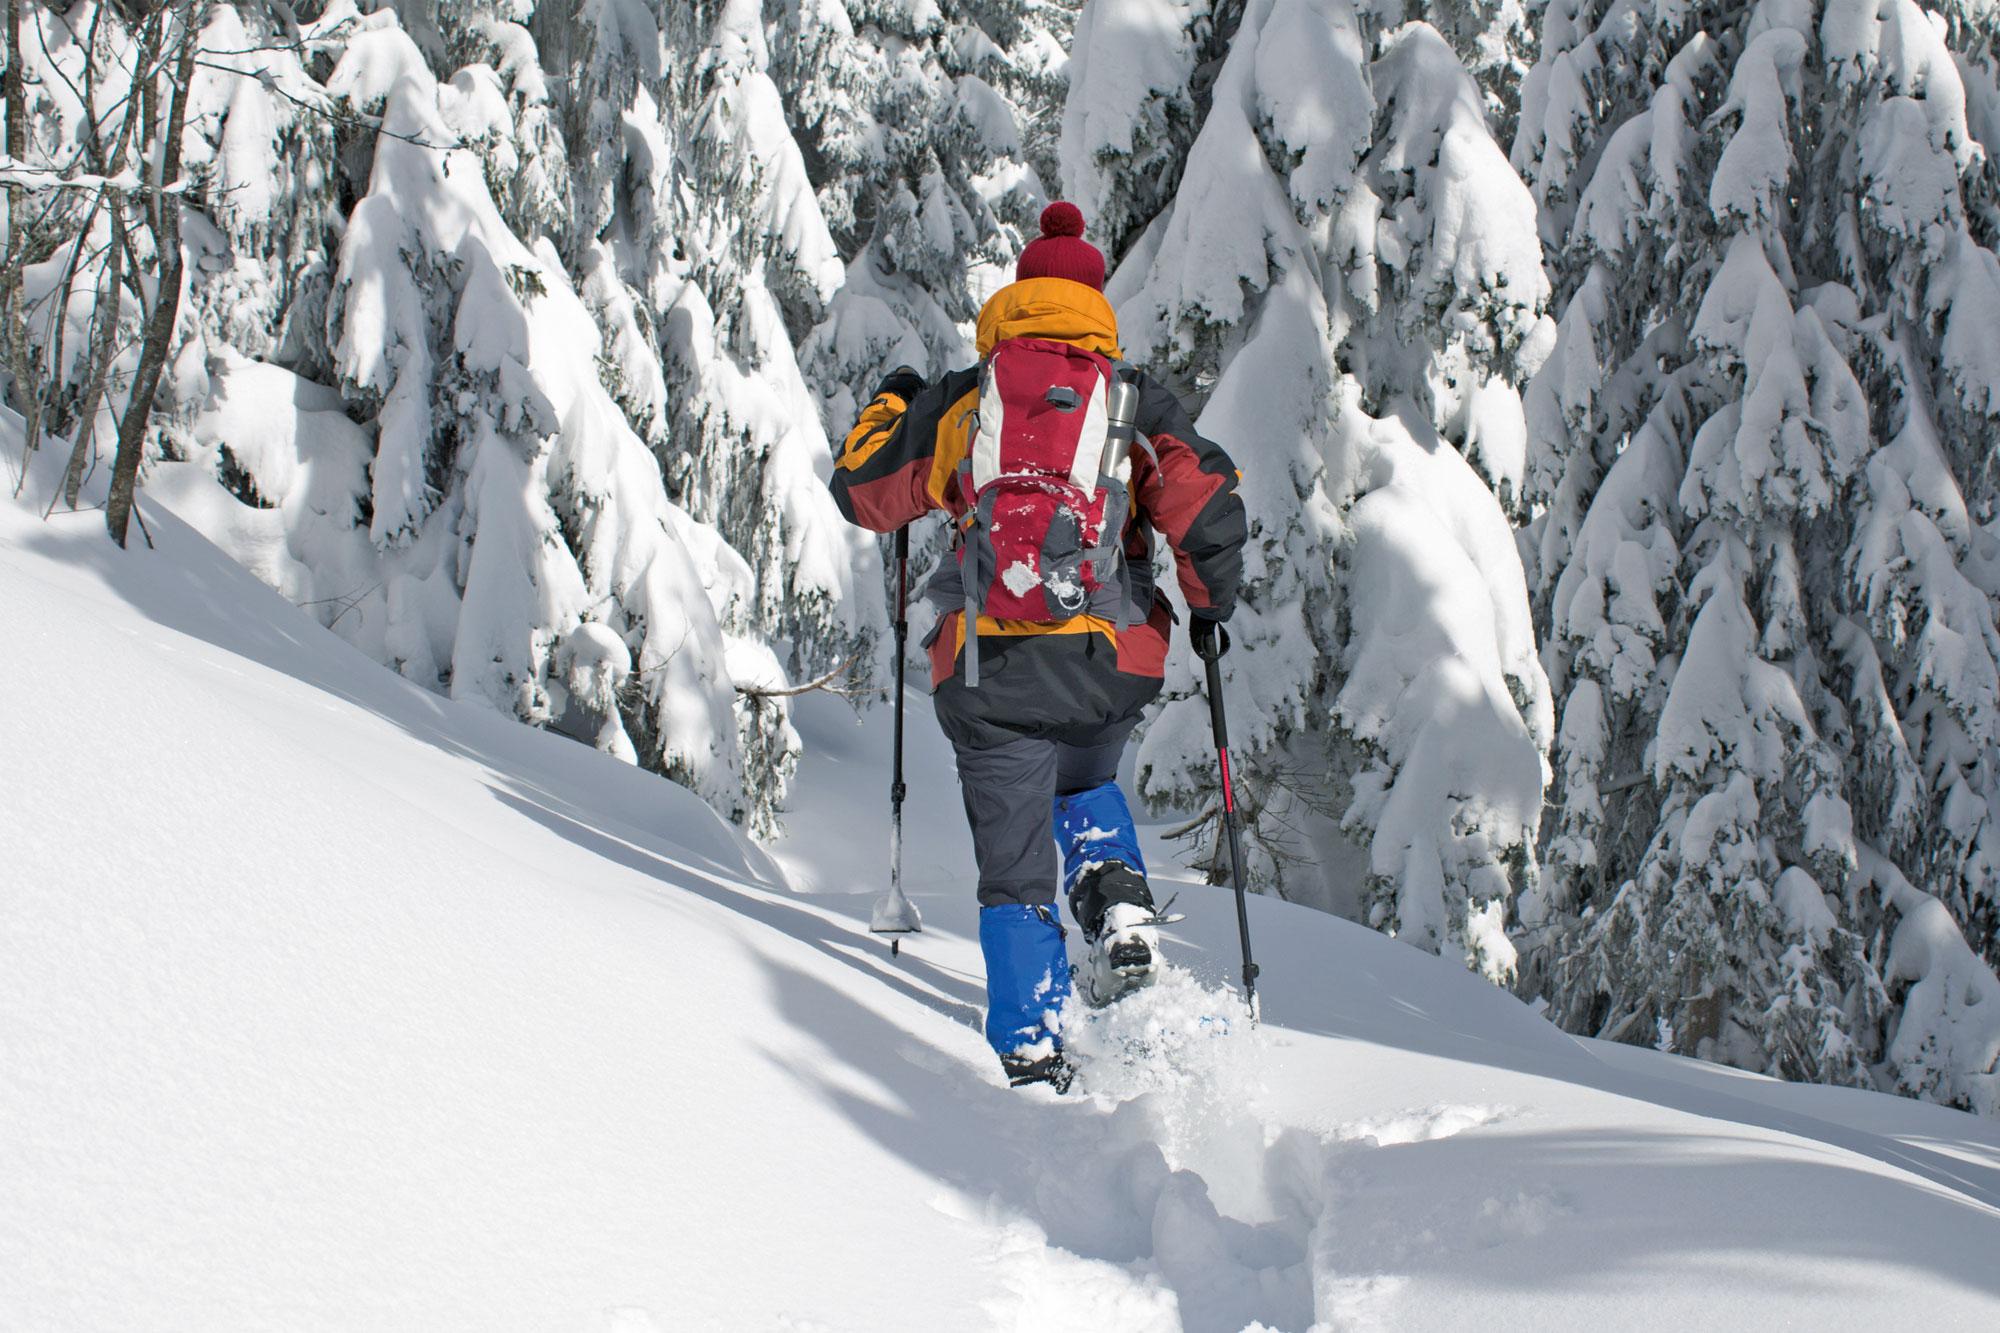 Mann im Wald beim Schneeschuhwandern